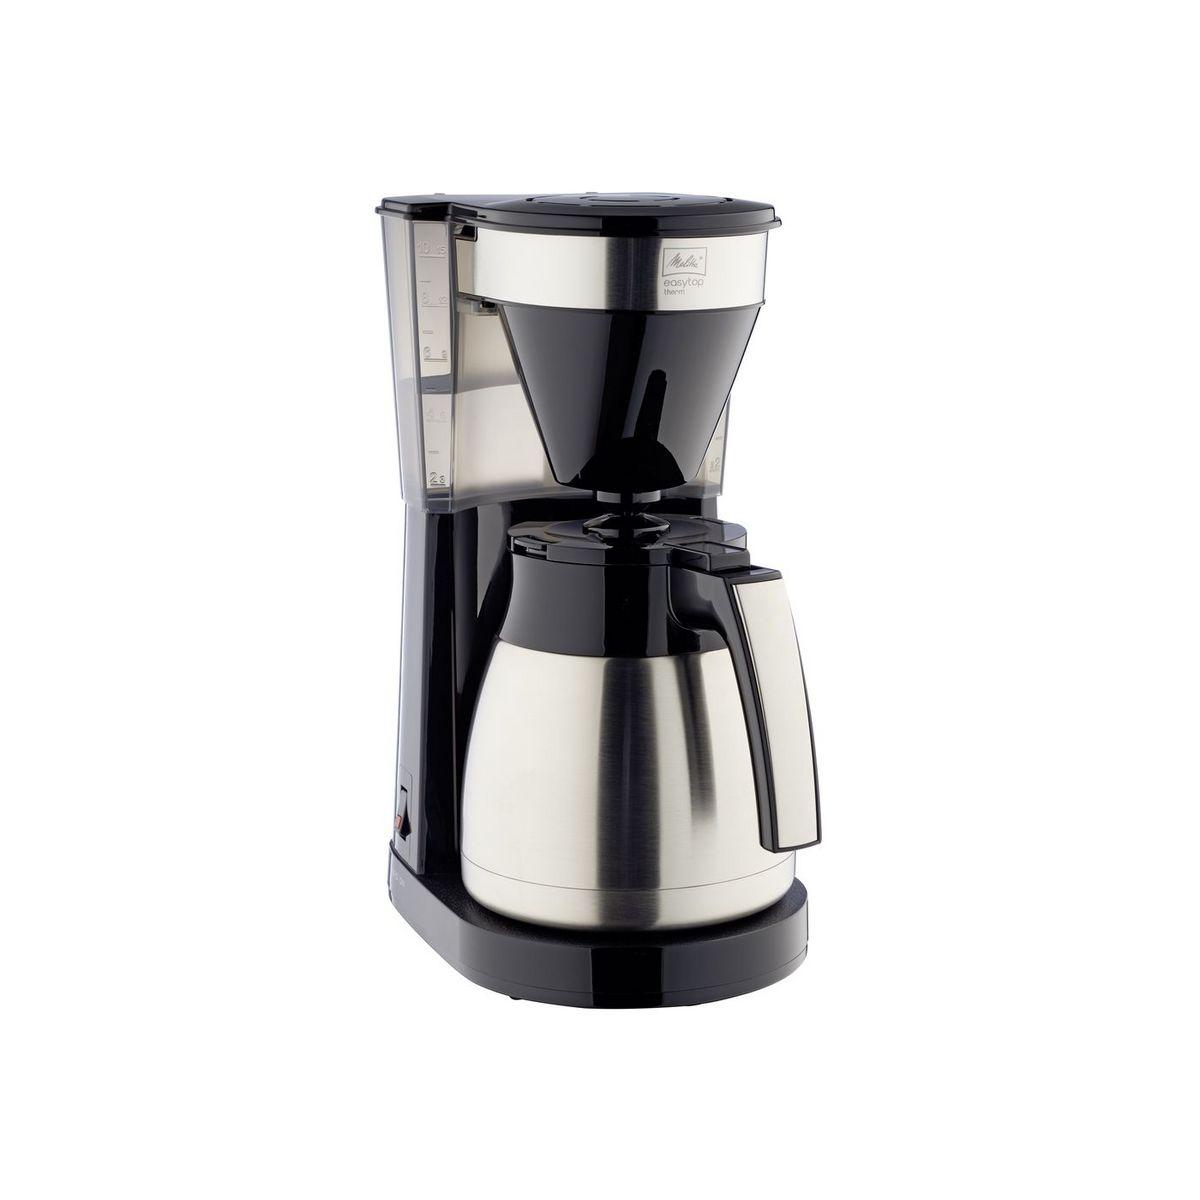 Cafetière filtre 1023 10 - Noir